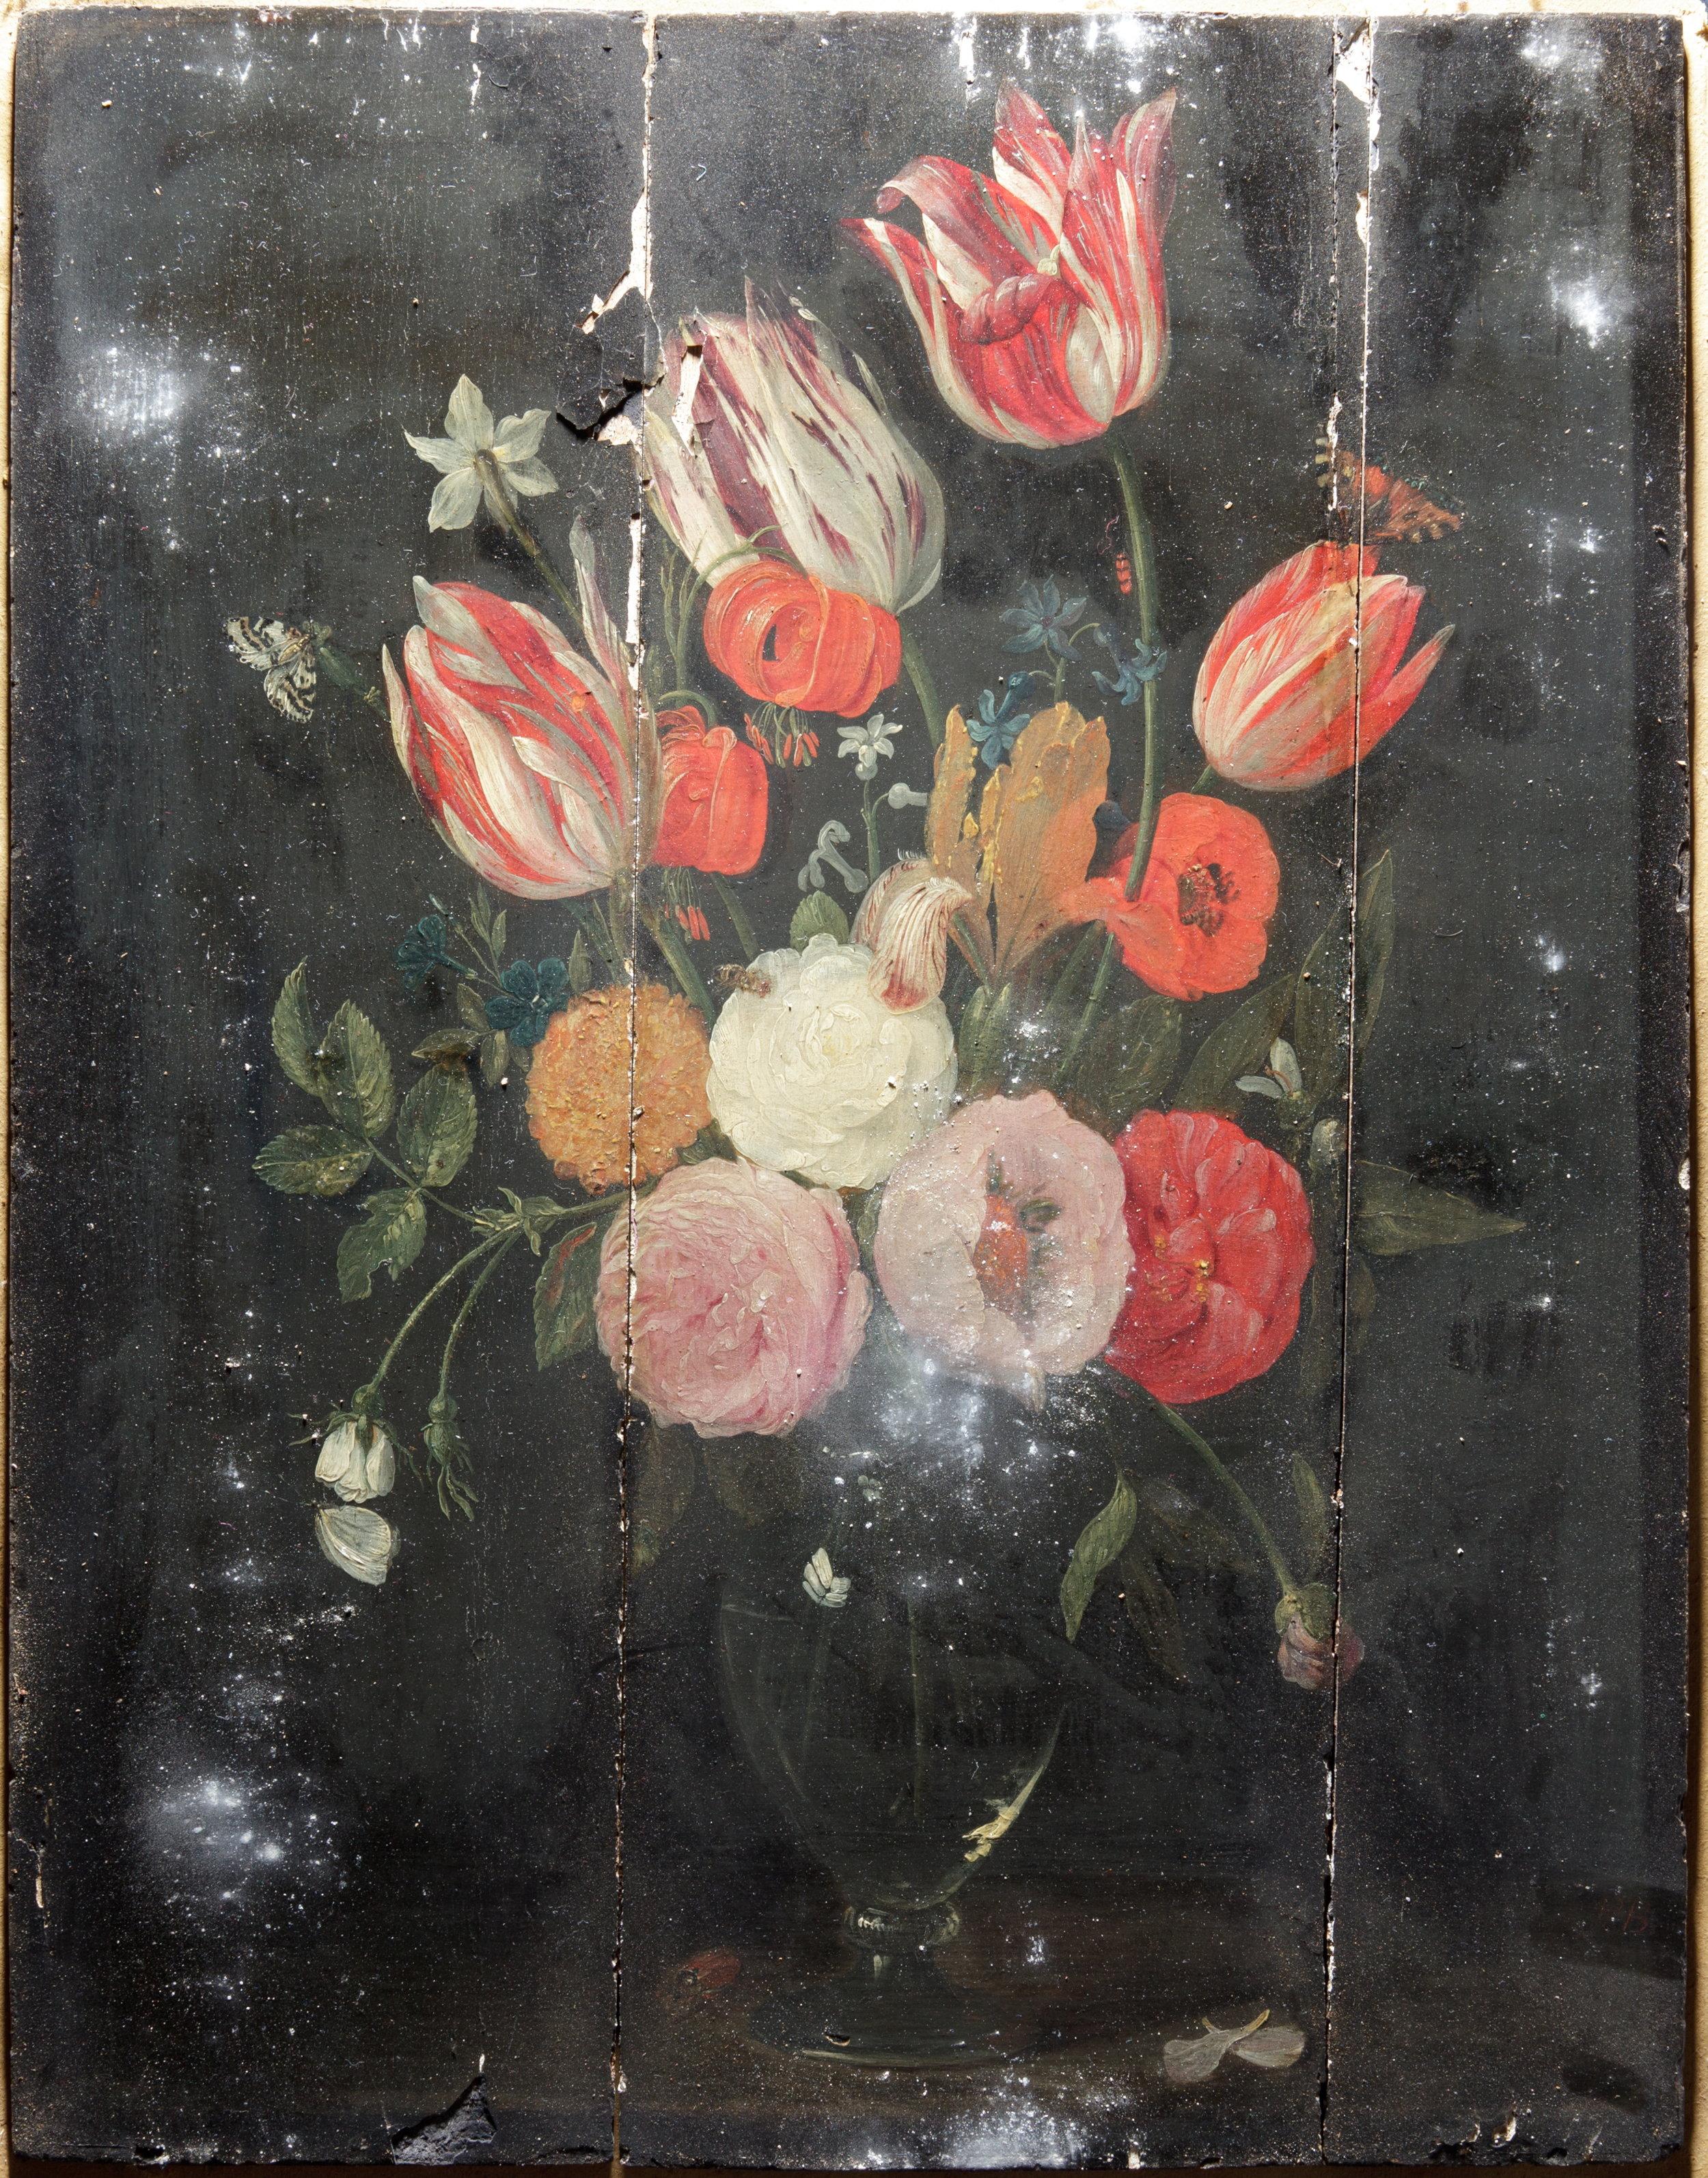 Ecole flamande,  Nature morte avec fleur , XVIIe siècle, Peinture à l'huile sur panneau de bois